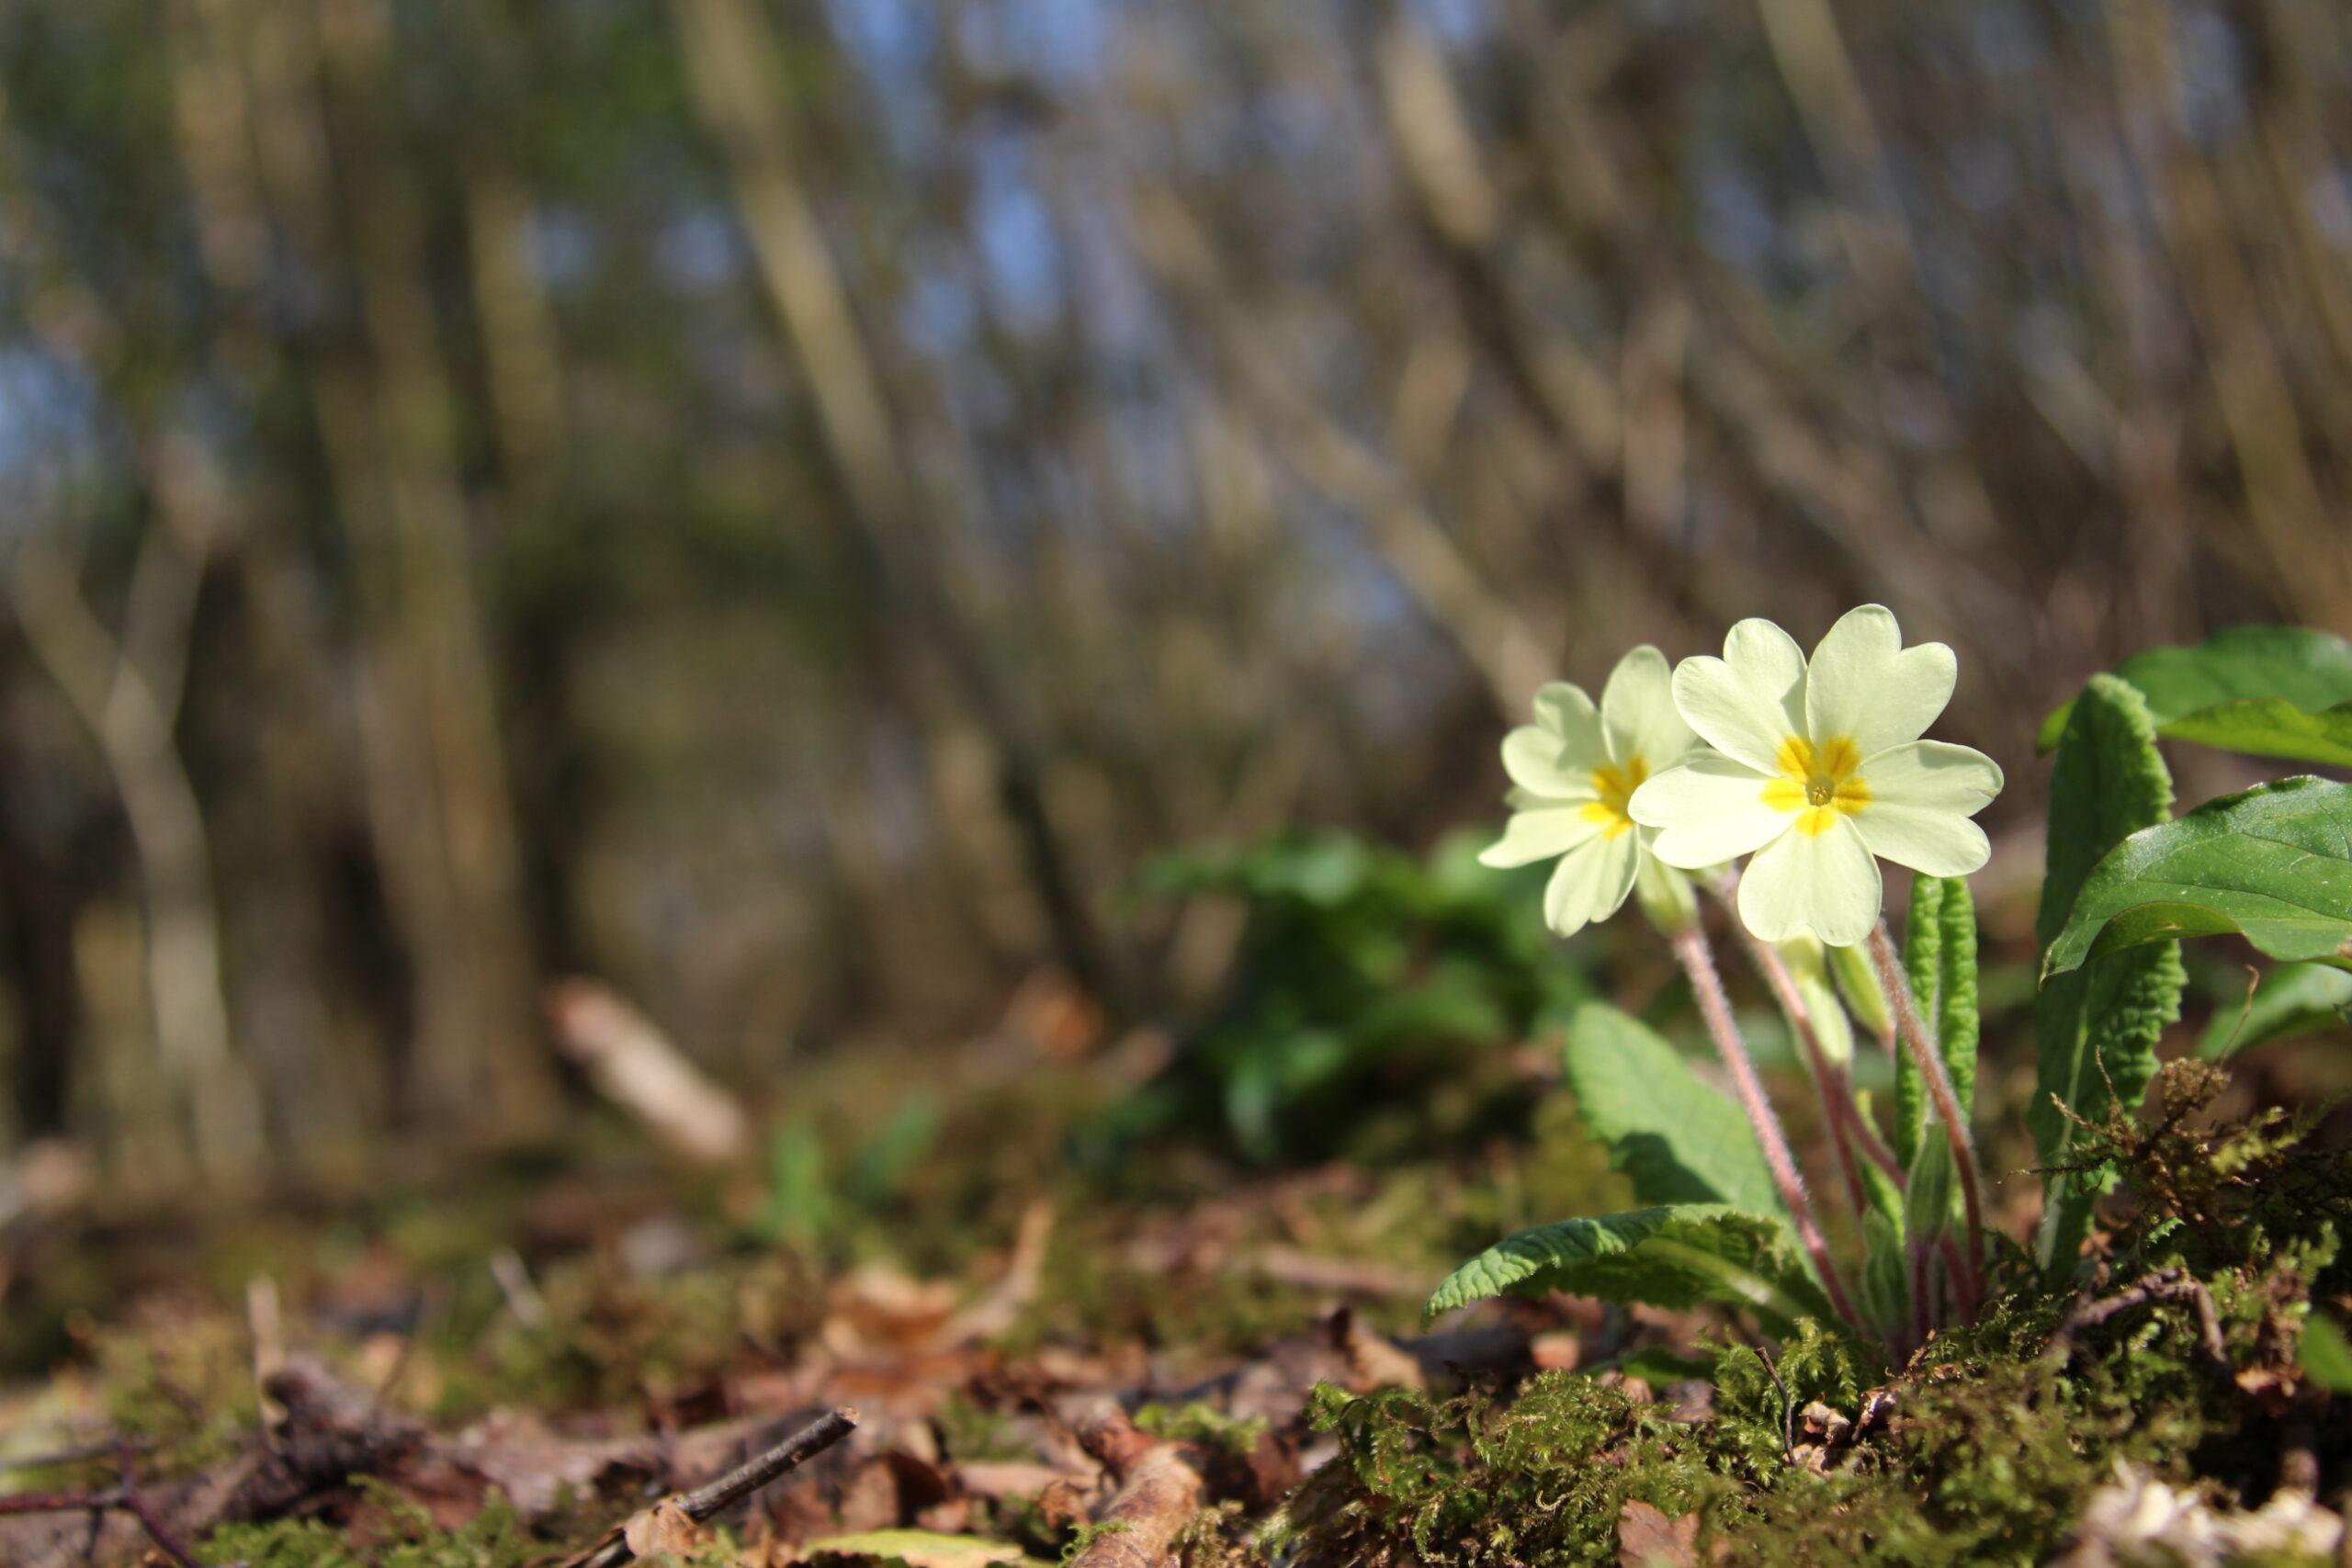 Dobshall Wood